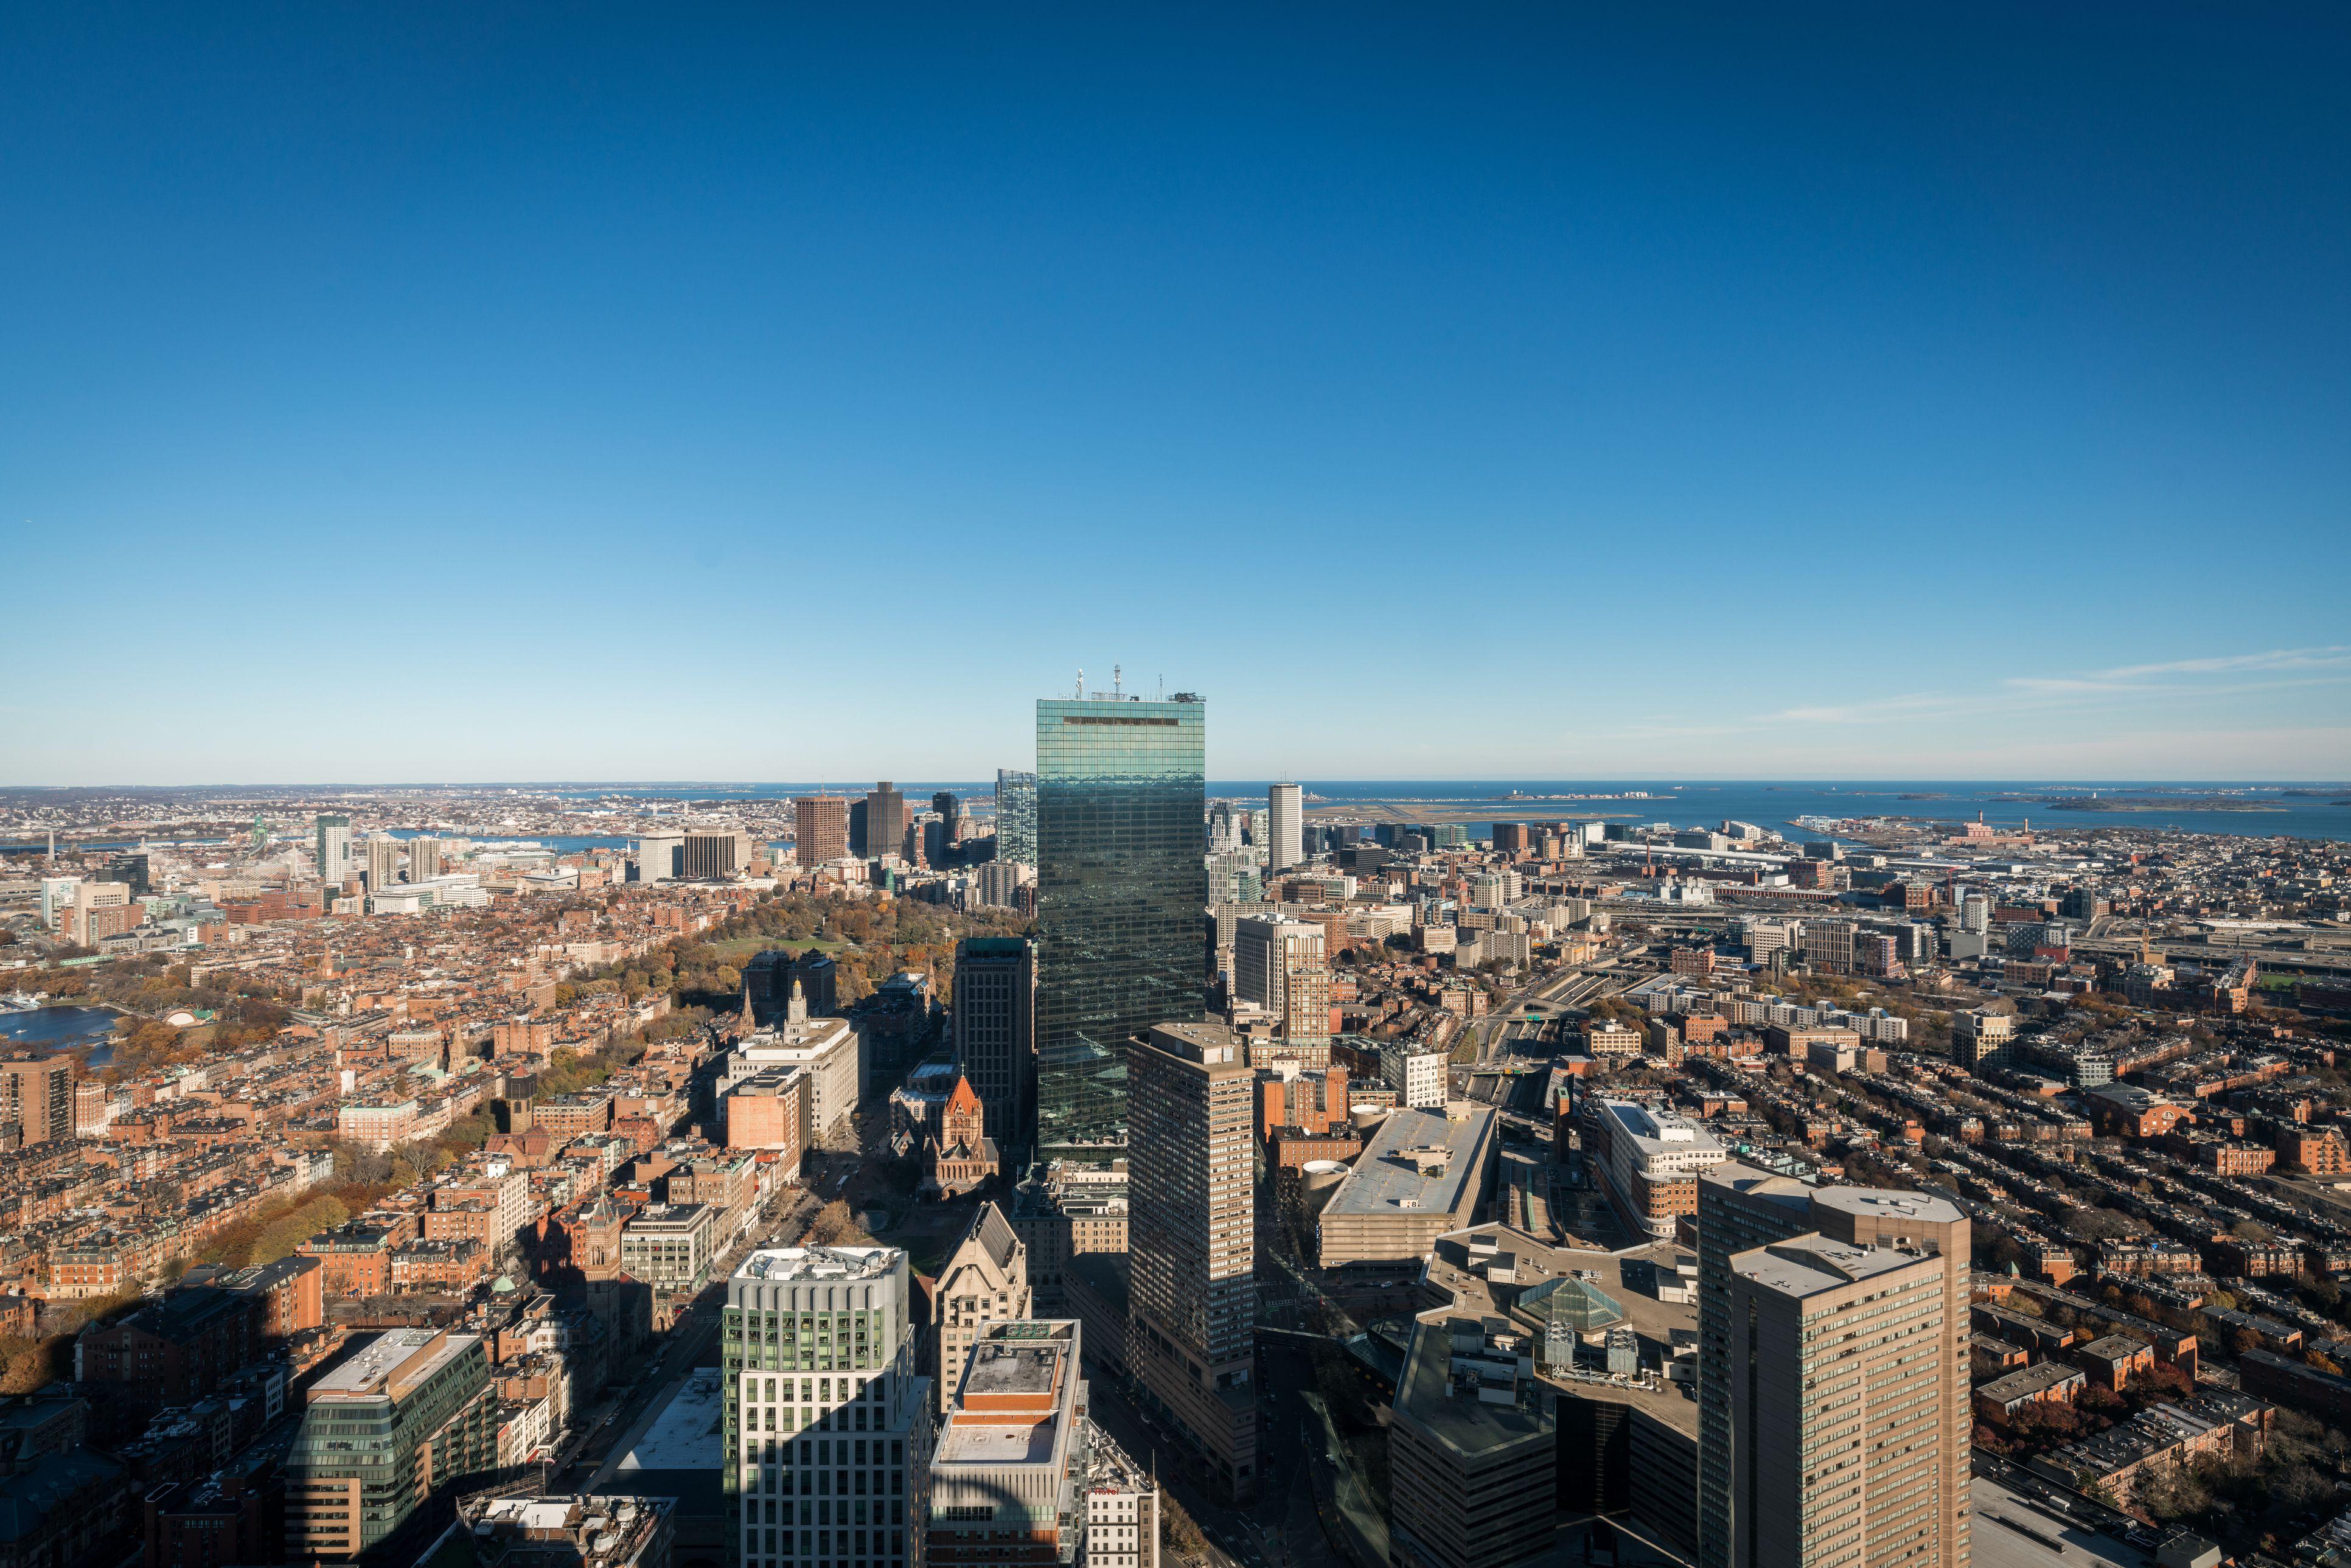 Paisaje urbano de Boston desde el Observatorio Skywalk del Prudential Center